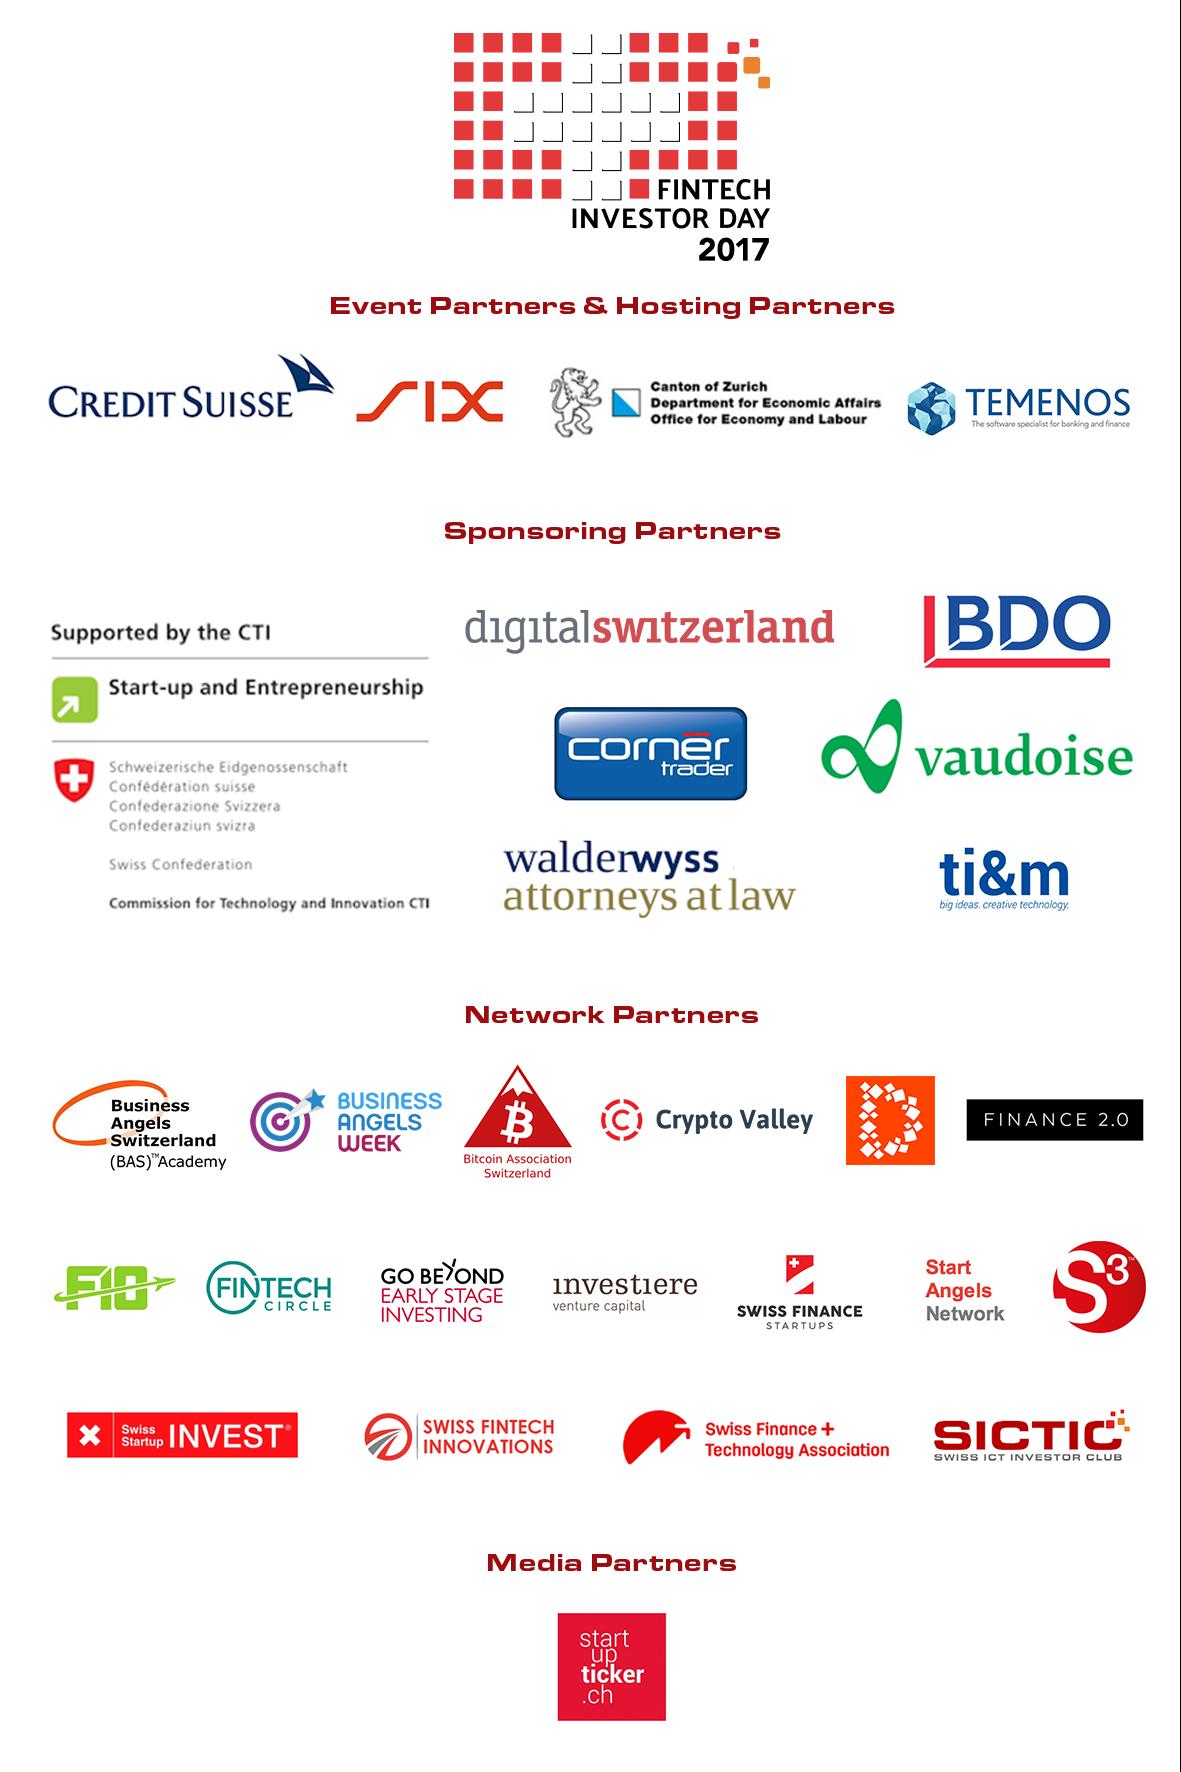 Swiss Fintech Investor Day Partners